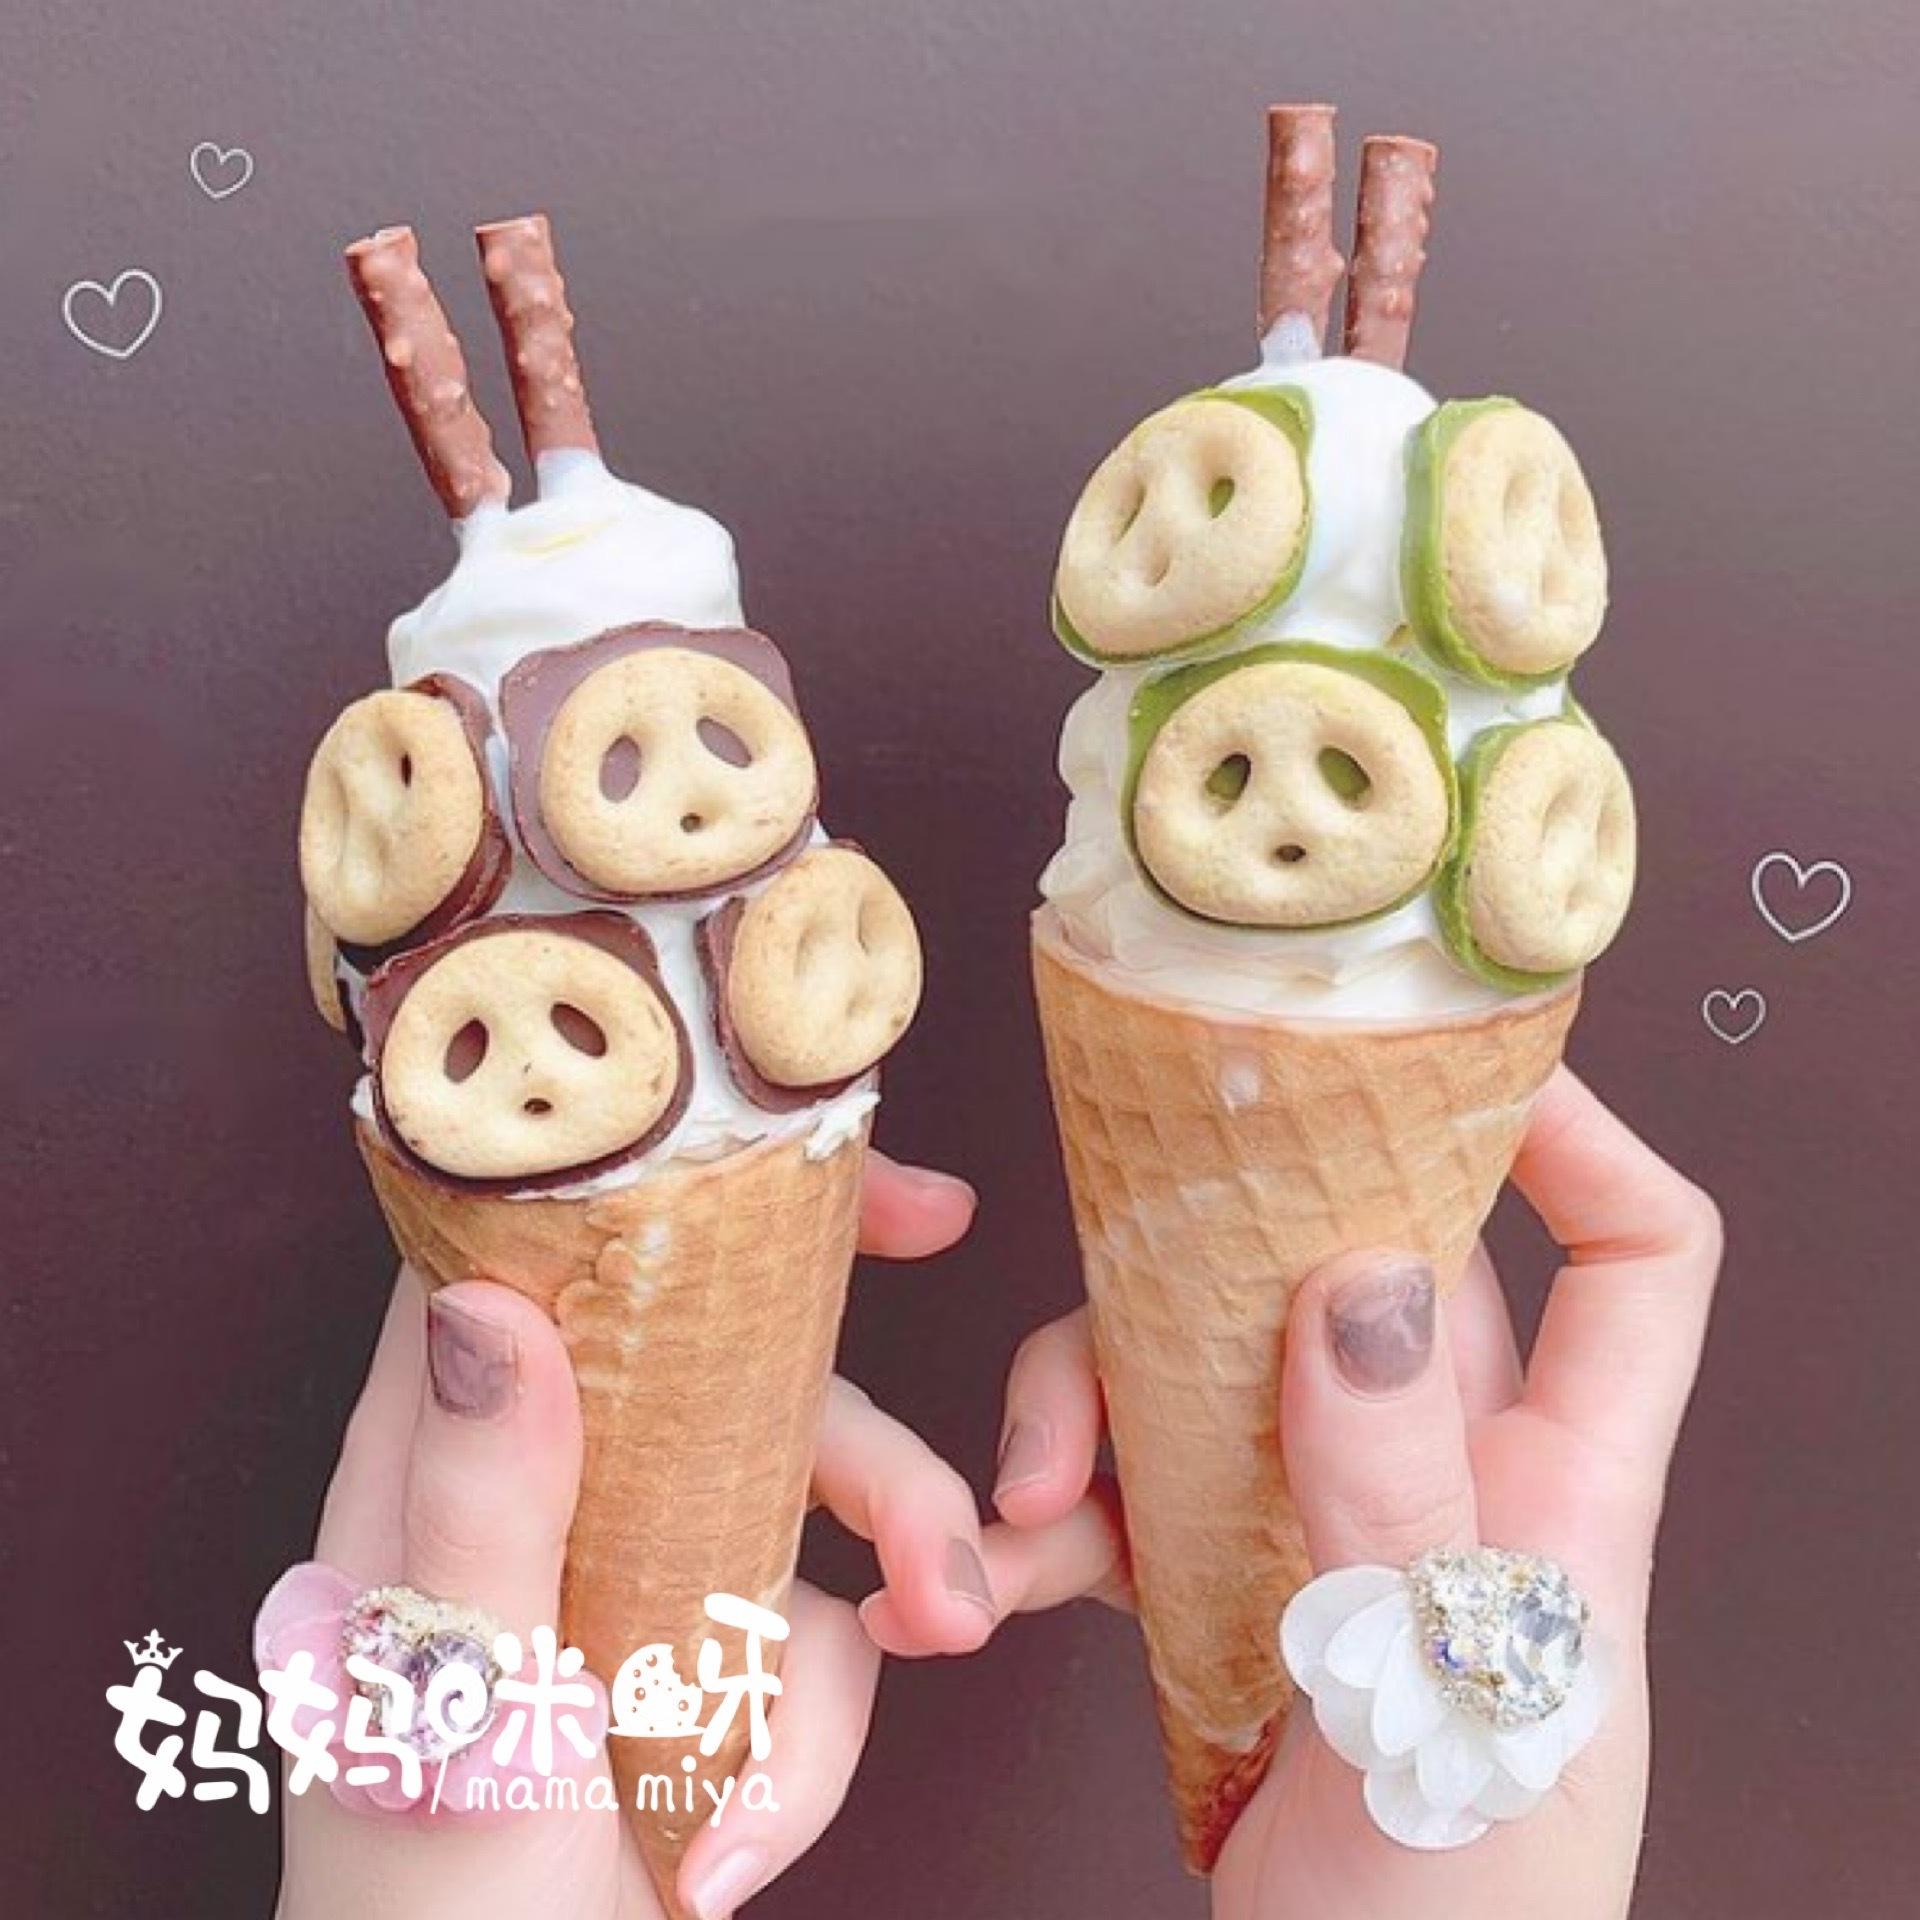 KABAYA Saku Saku Panda 47g 4.jpg